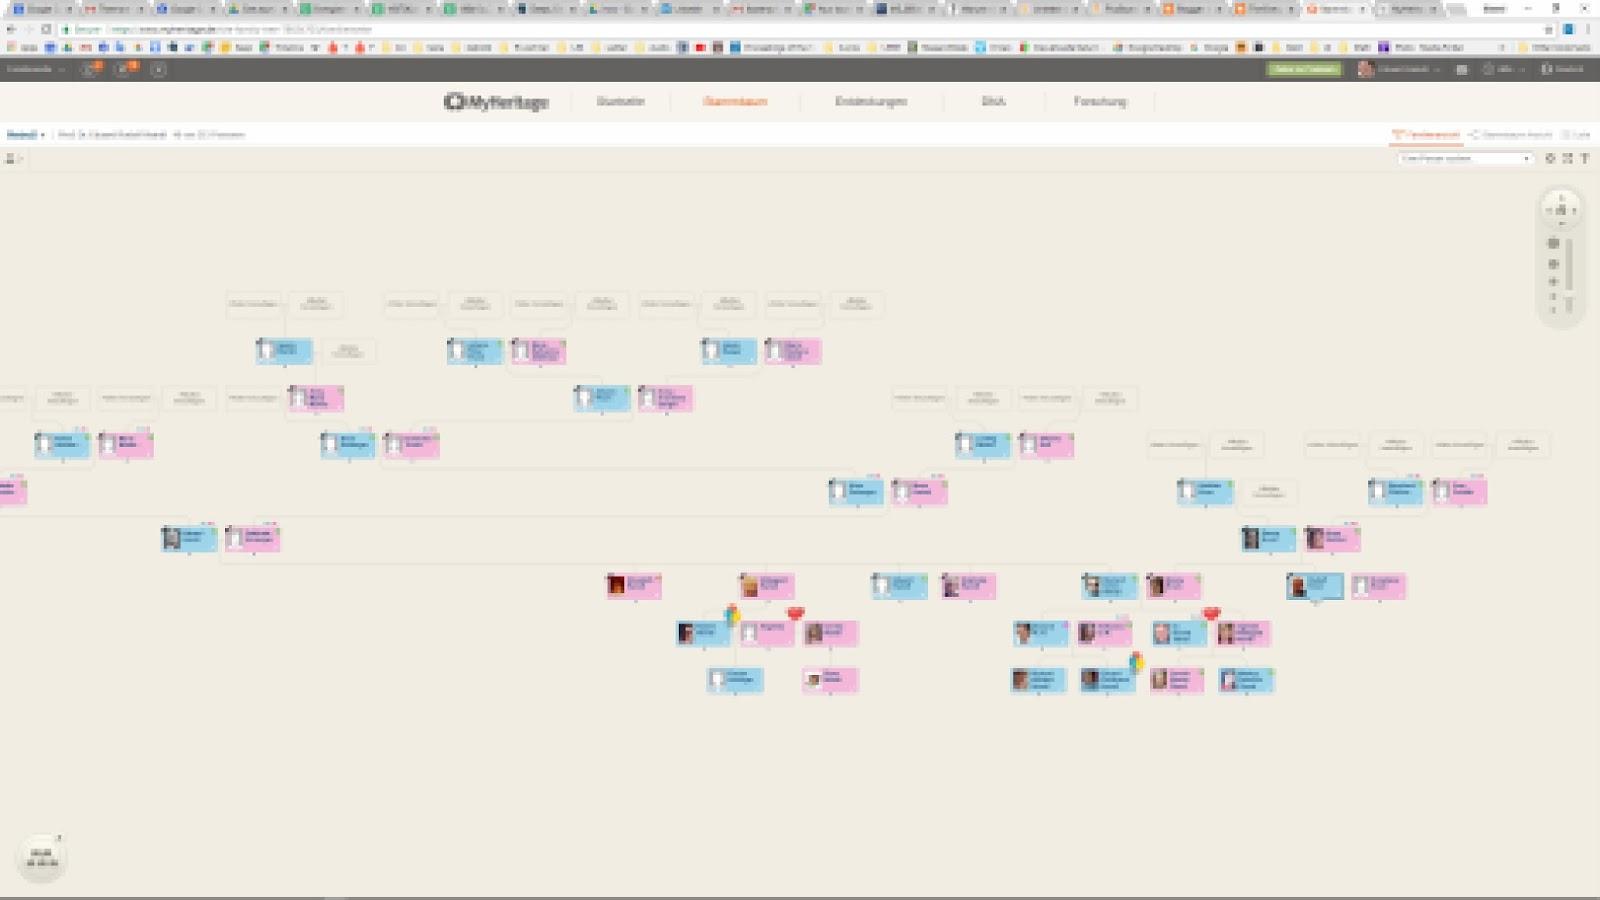 Großartig Stammbaum Färbung Seite Zeitgenössisch - Beispiel Business ...